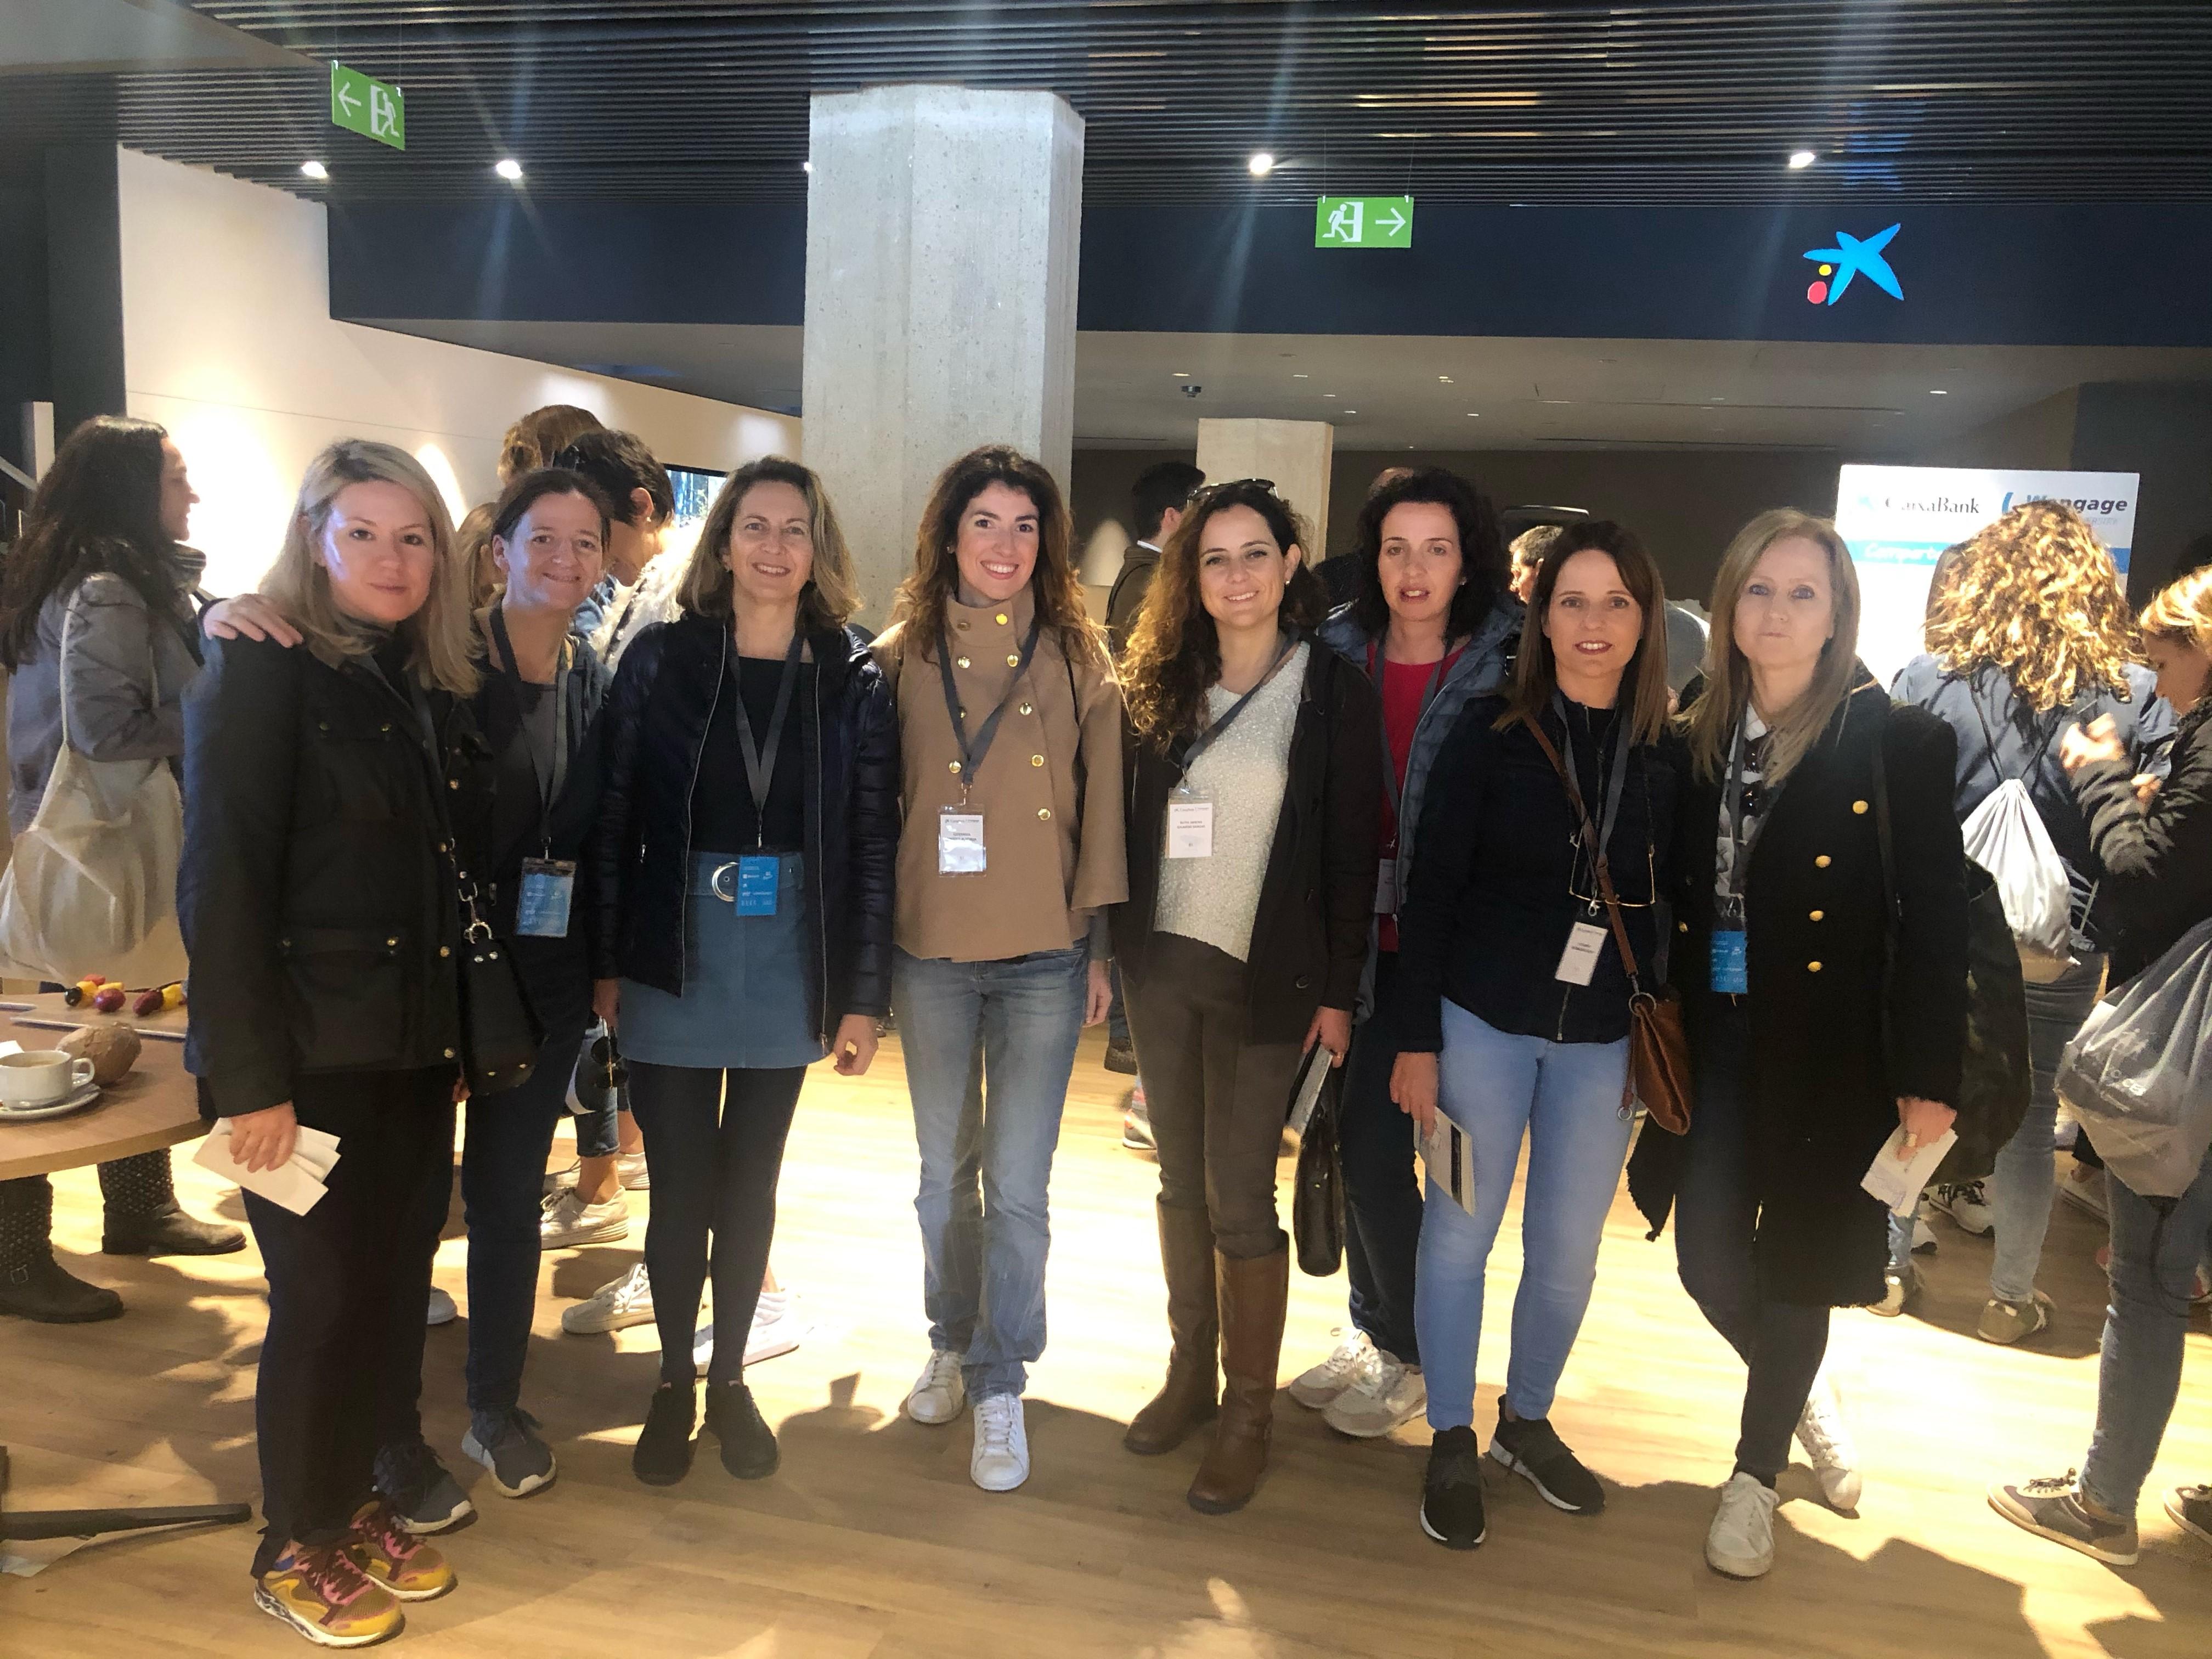 Grupo Sampol participa en la primera caminata de 'mentoring' en Palma con motivo del Día Internacional de la Mujer